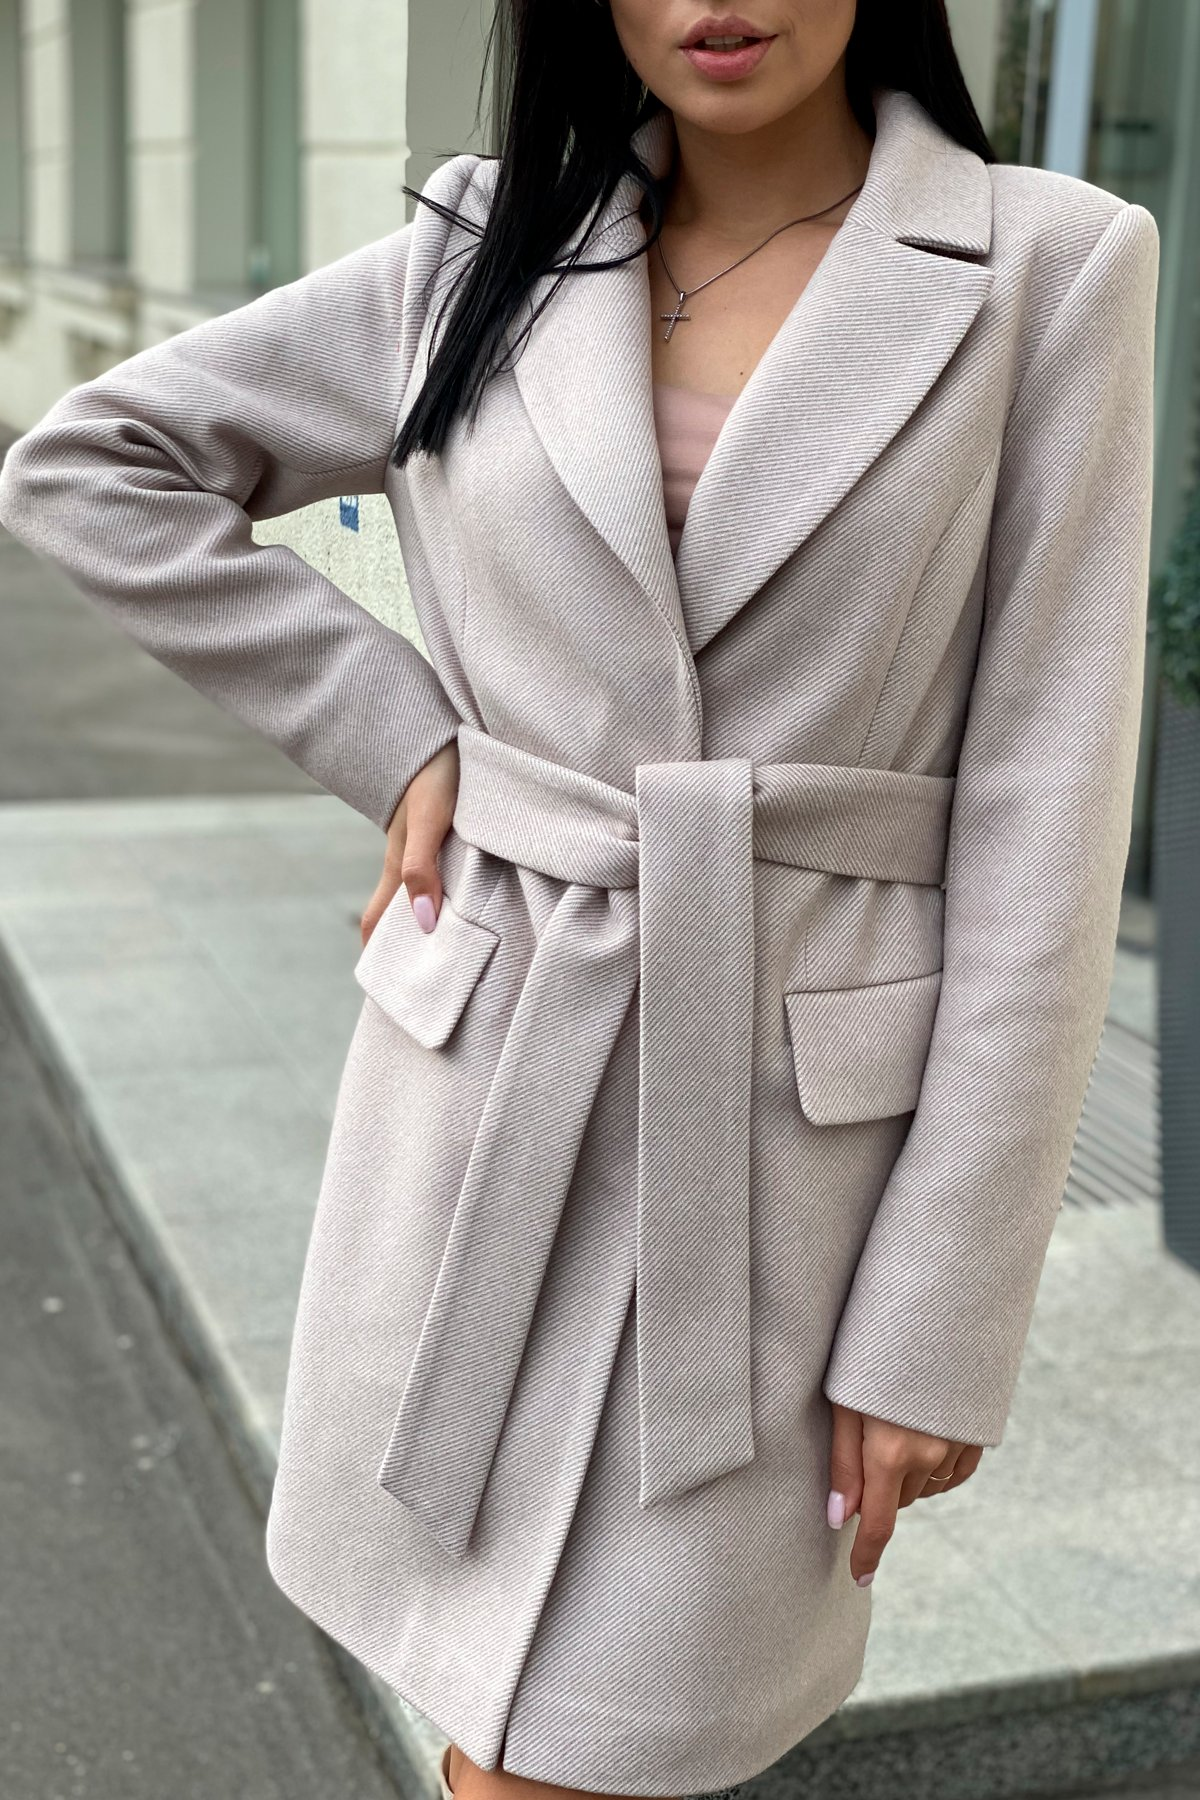 Корси диагональ пальтовая ткань пальто 9882 АРТ. 46168 Цвет: Бежевый Светлый 5 - фото 3, интернет магазин tm-modus.ru